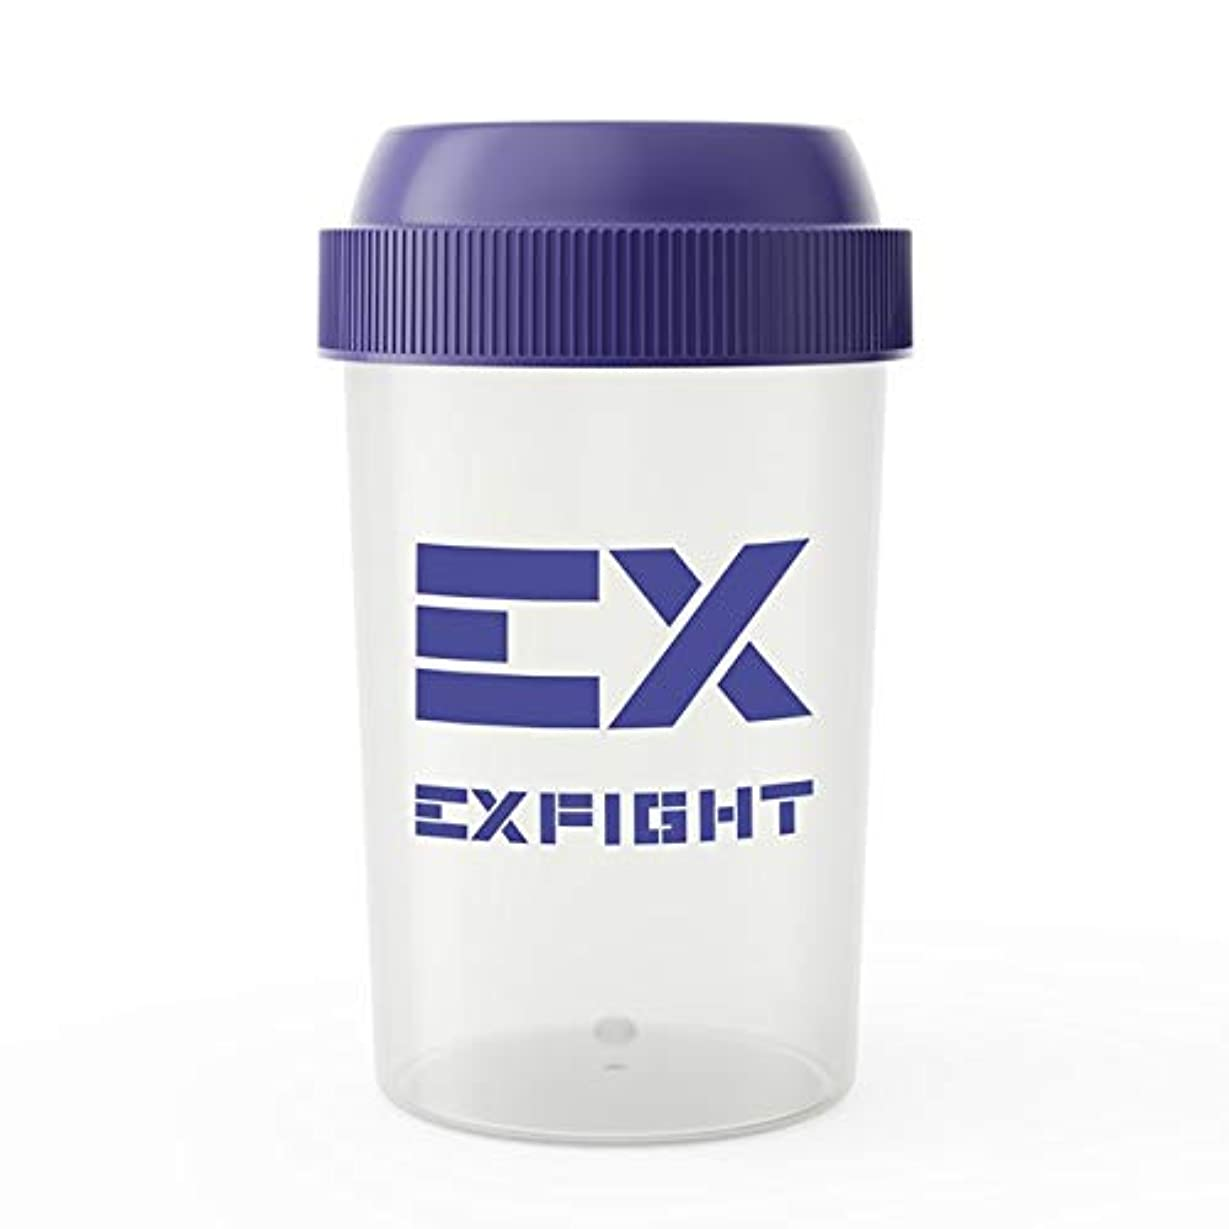 梨お尻勇敢なEX-SHAKER シェイカーボトル ブルー 300ml(エクスサプリ EXSUPPLI シェーカー EXILE サプリ)